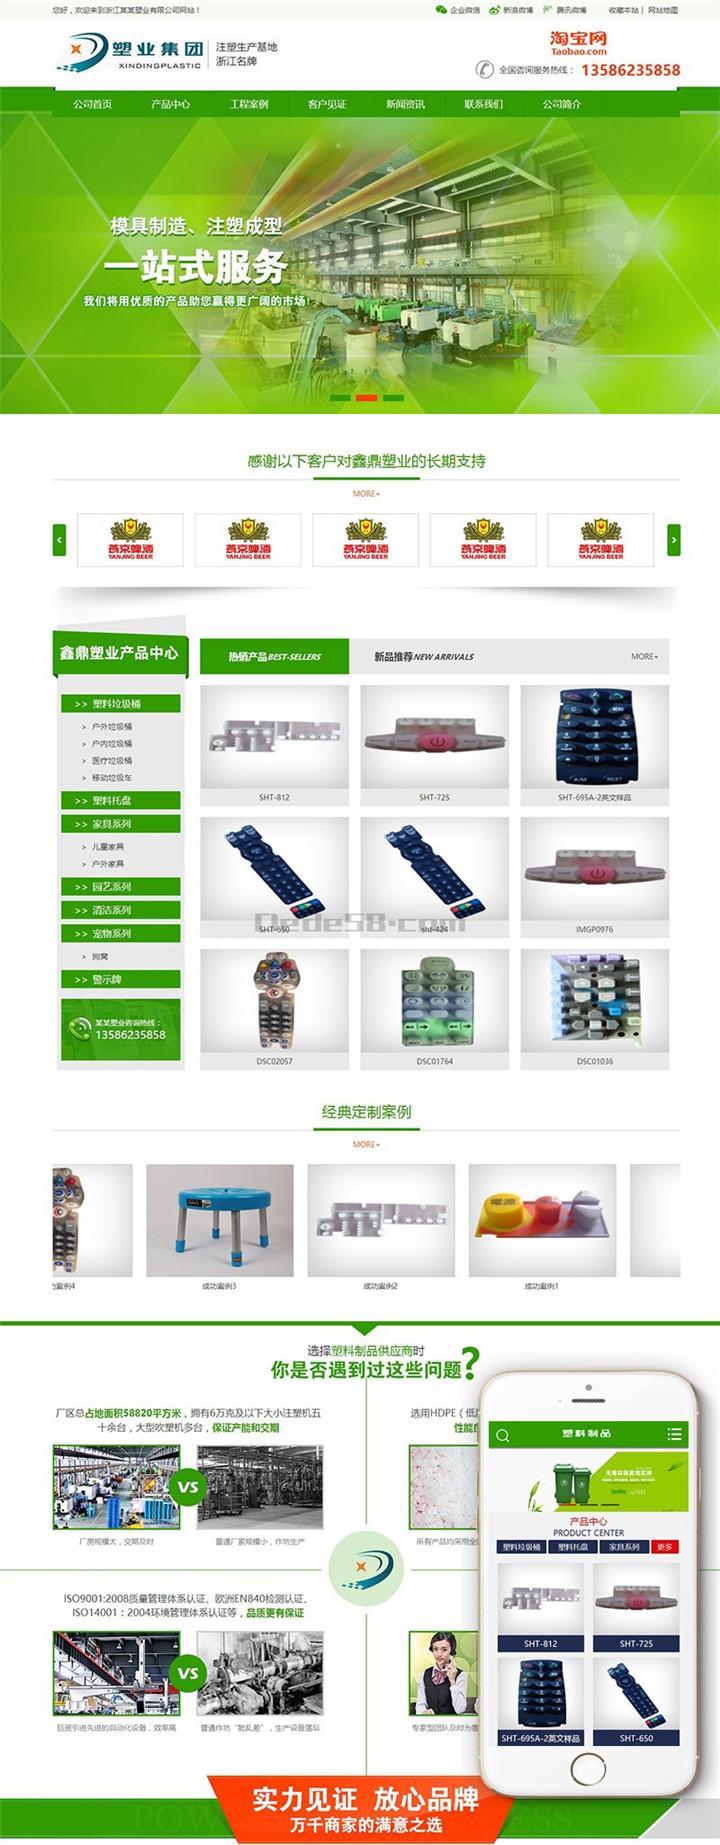 爱上源码网文章绿色营销型塑料制品类网站织梦模板(带手机端)营销型整站源码下载的内容插图